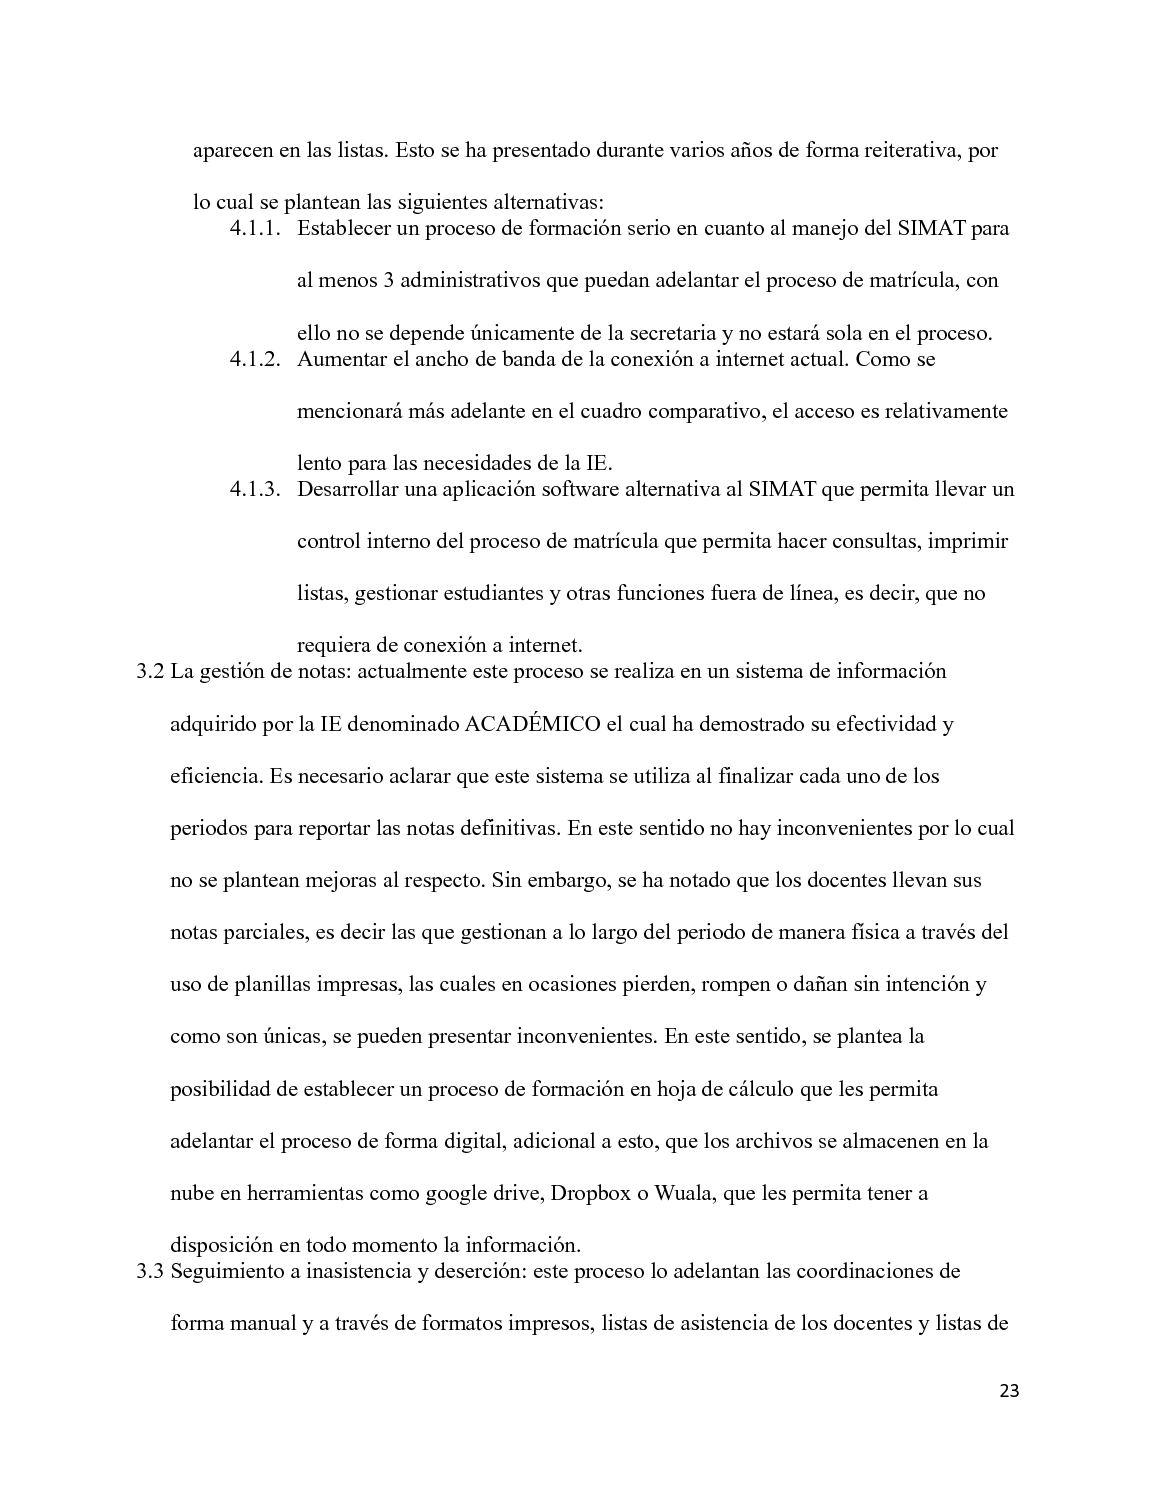 marlen velasco leonardo ceron portafolio pdf calameo downloader